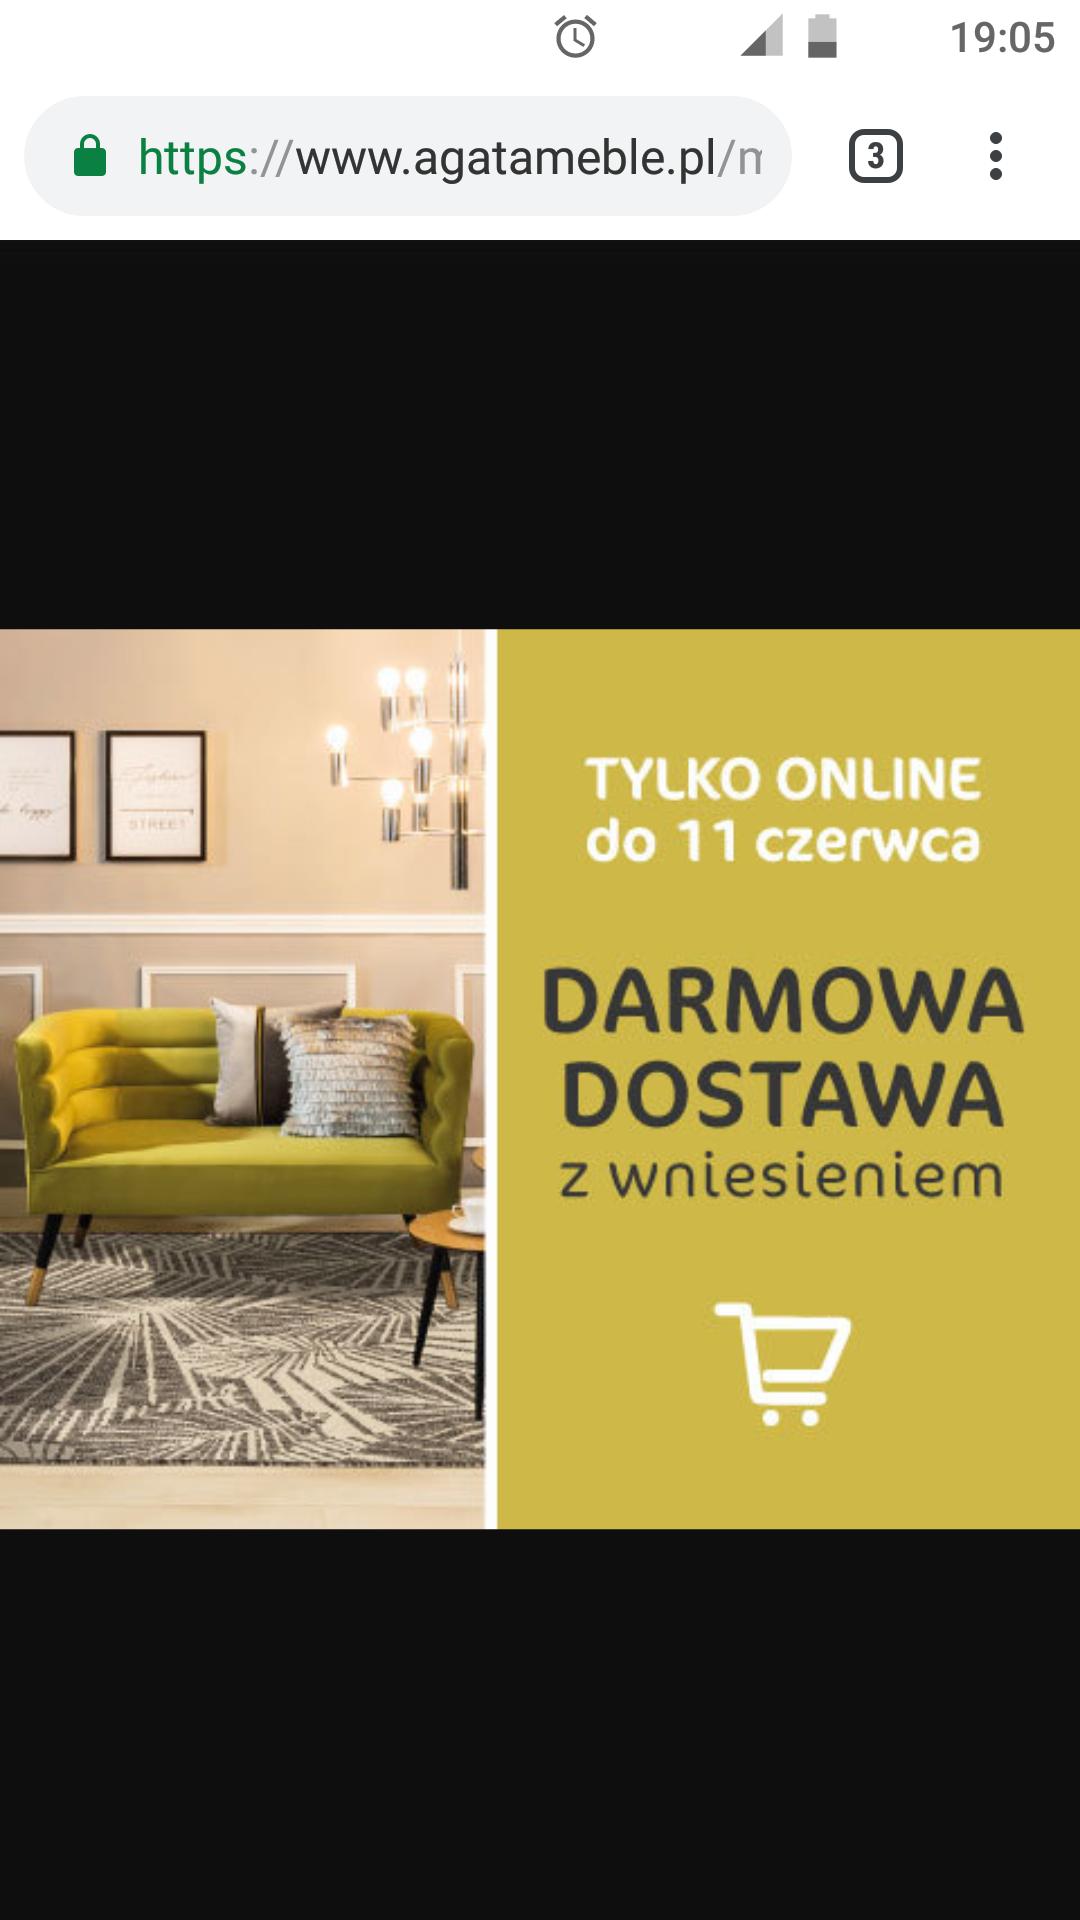 Darmowa dostawa z wniesieniem od 9.06 do 11.06